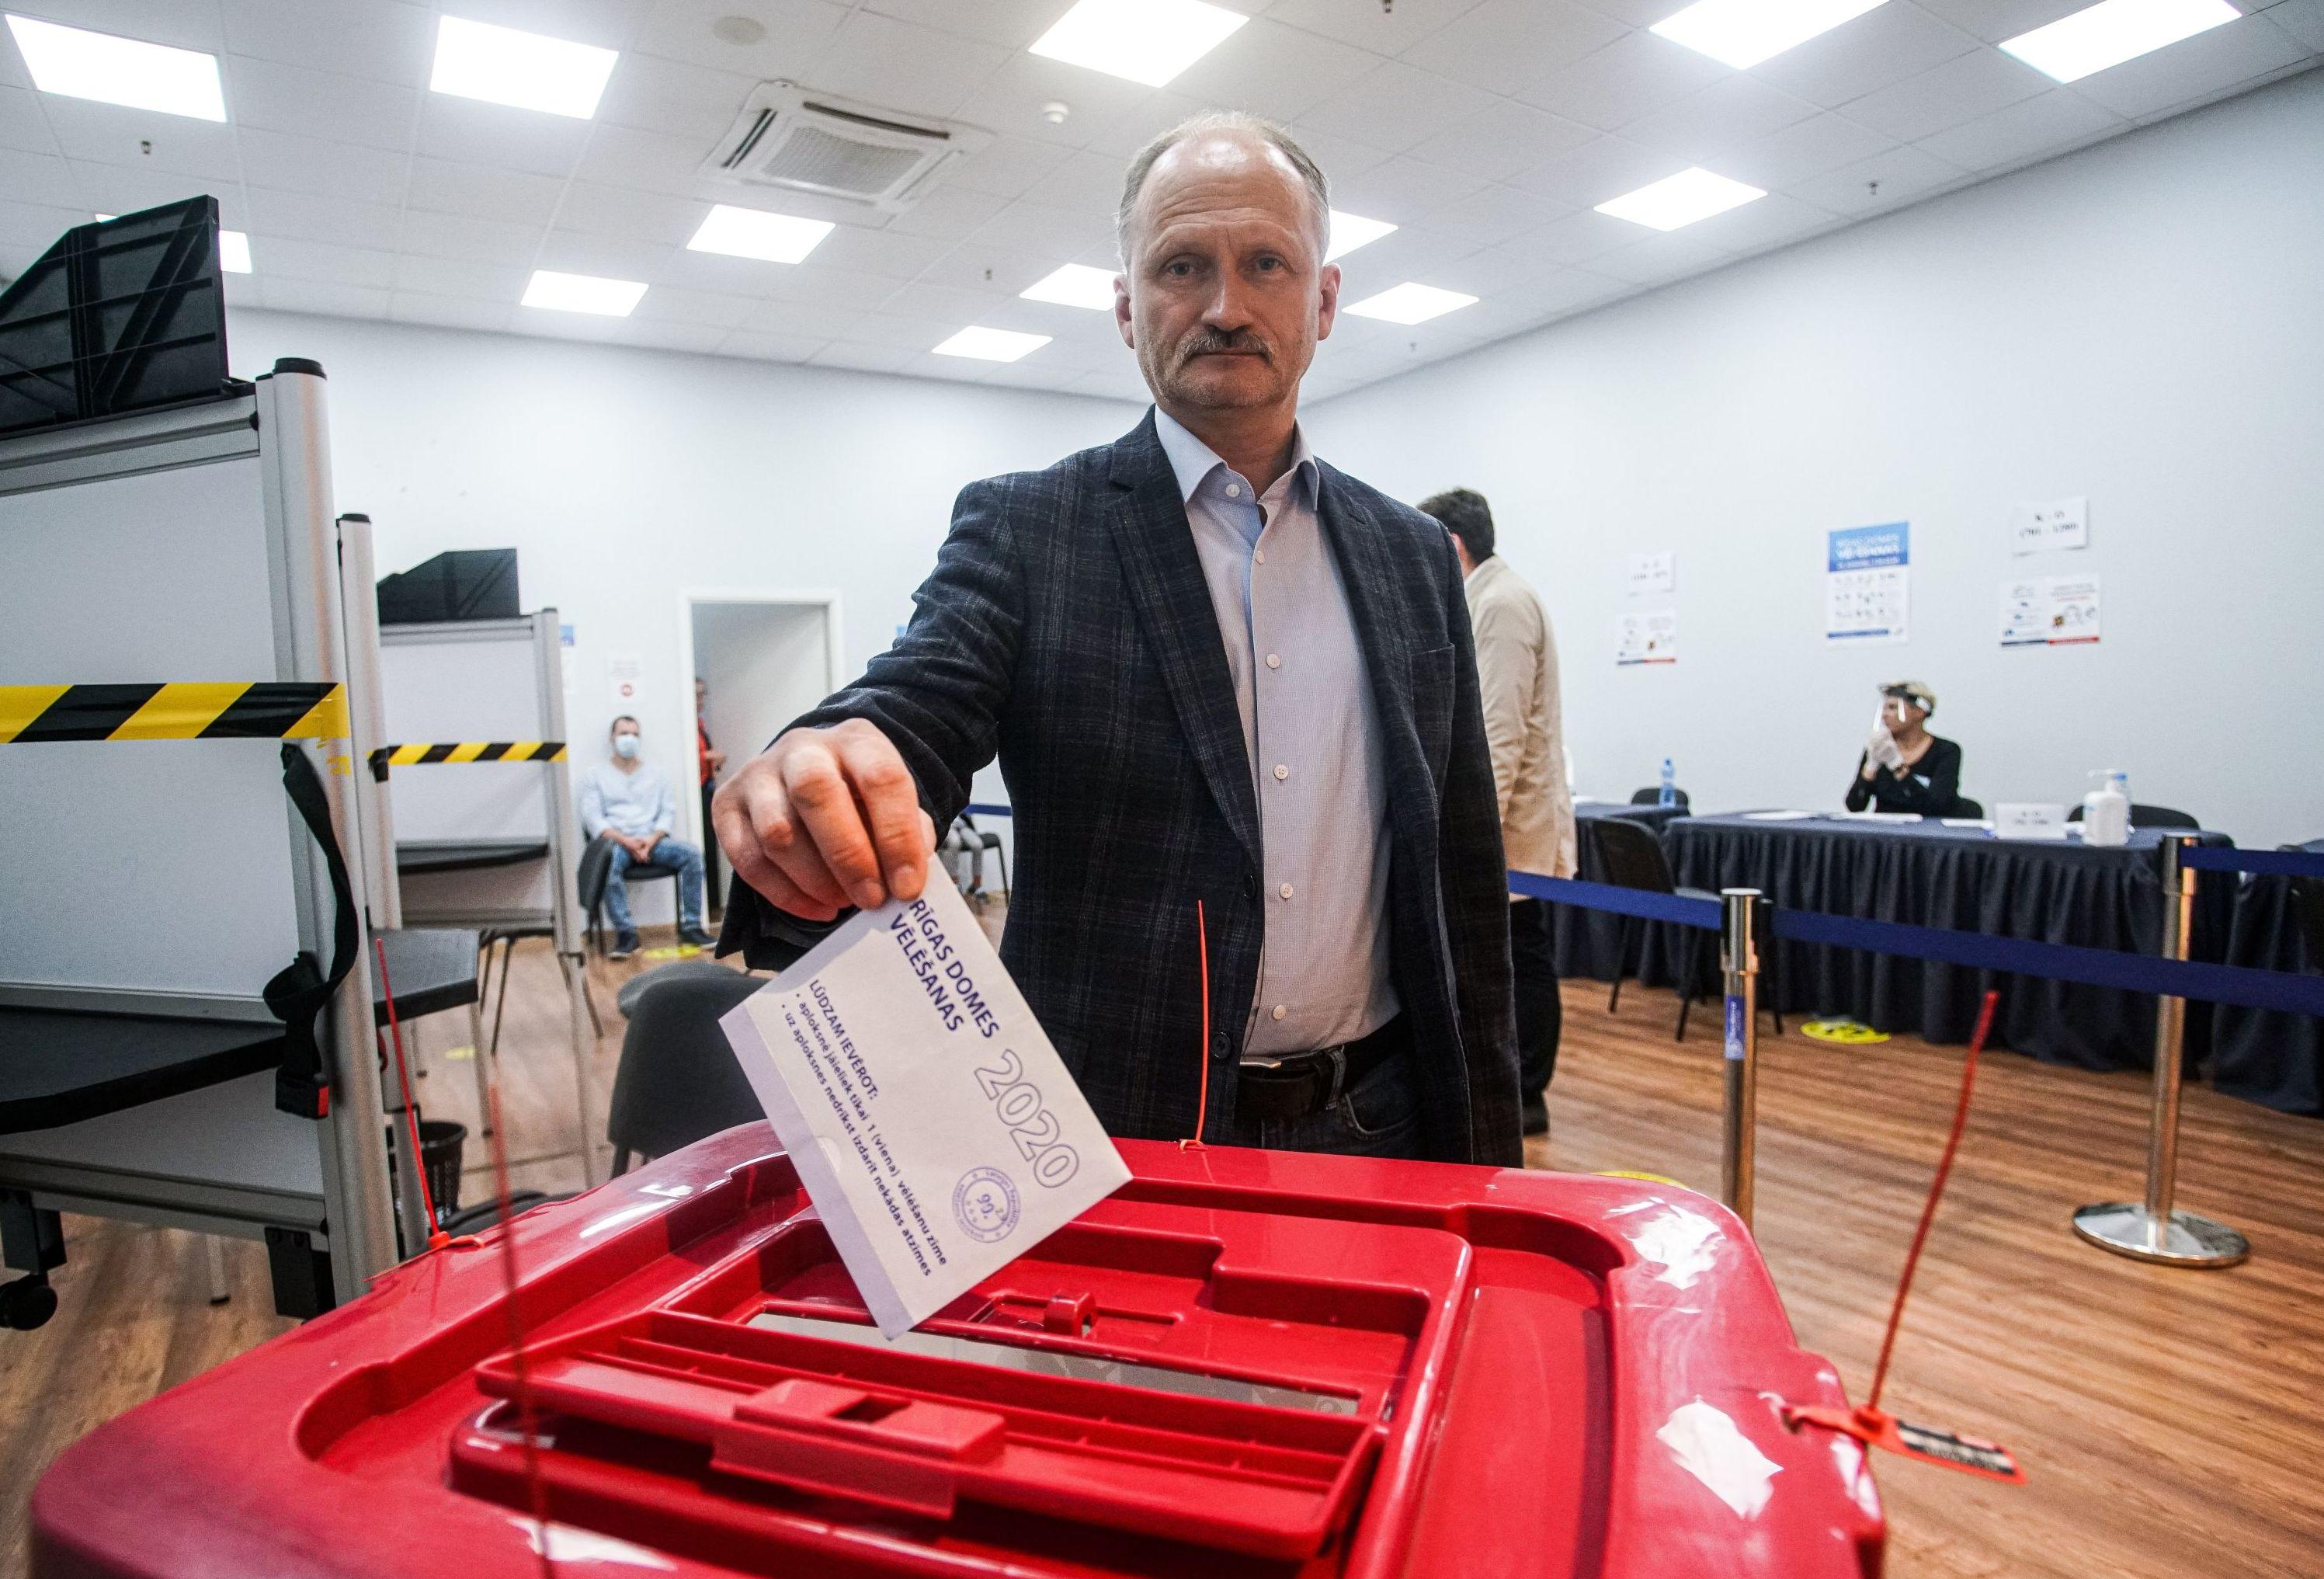 Сопредседатель правления партии Русский союз Латвии Мирослав Митрофанов голосует на выборах в городскую думу на избирательном участке в Риге, 29 сентября 2020